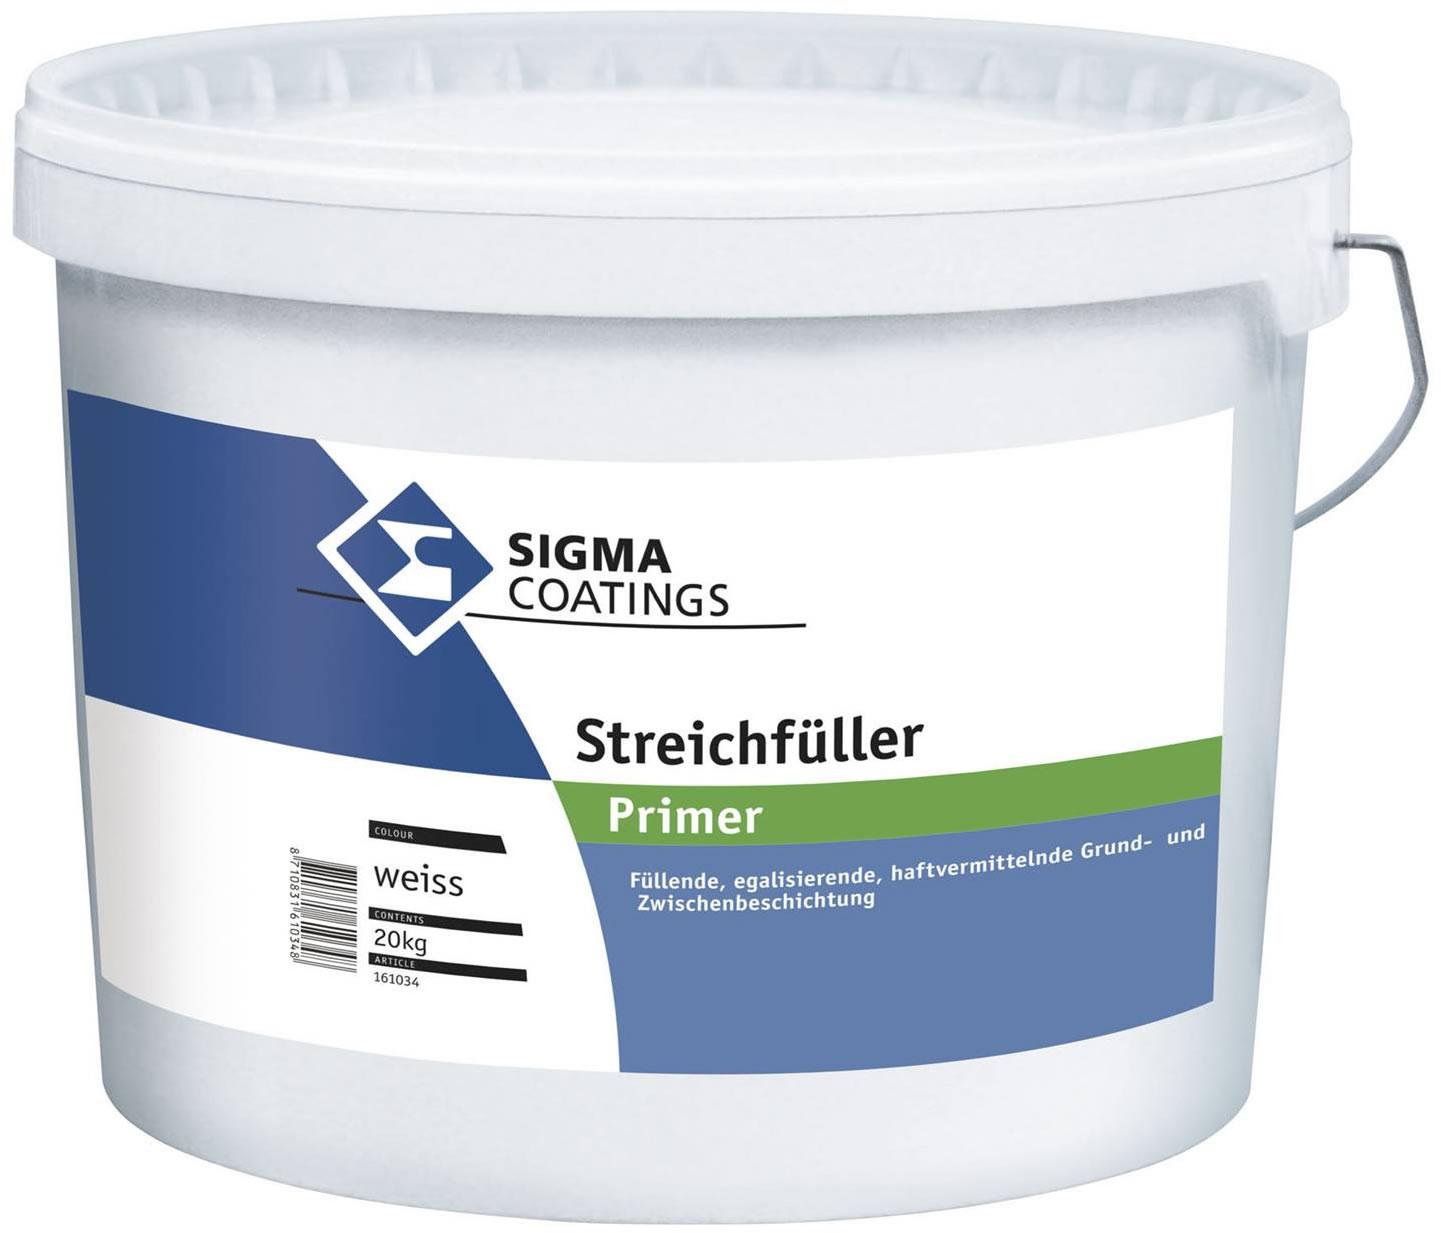 SIGMA Streichfüller